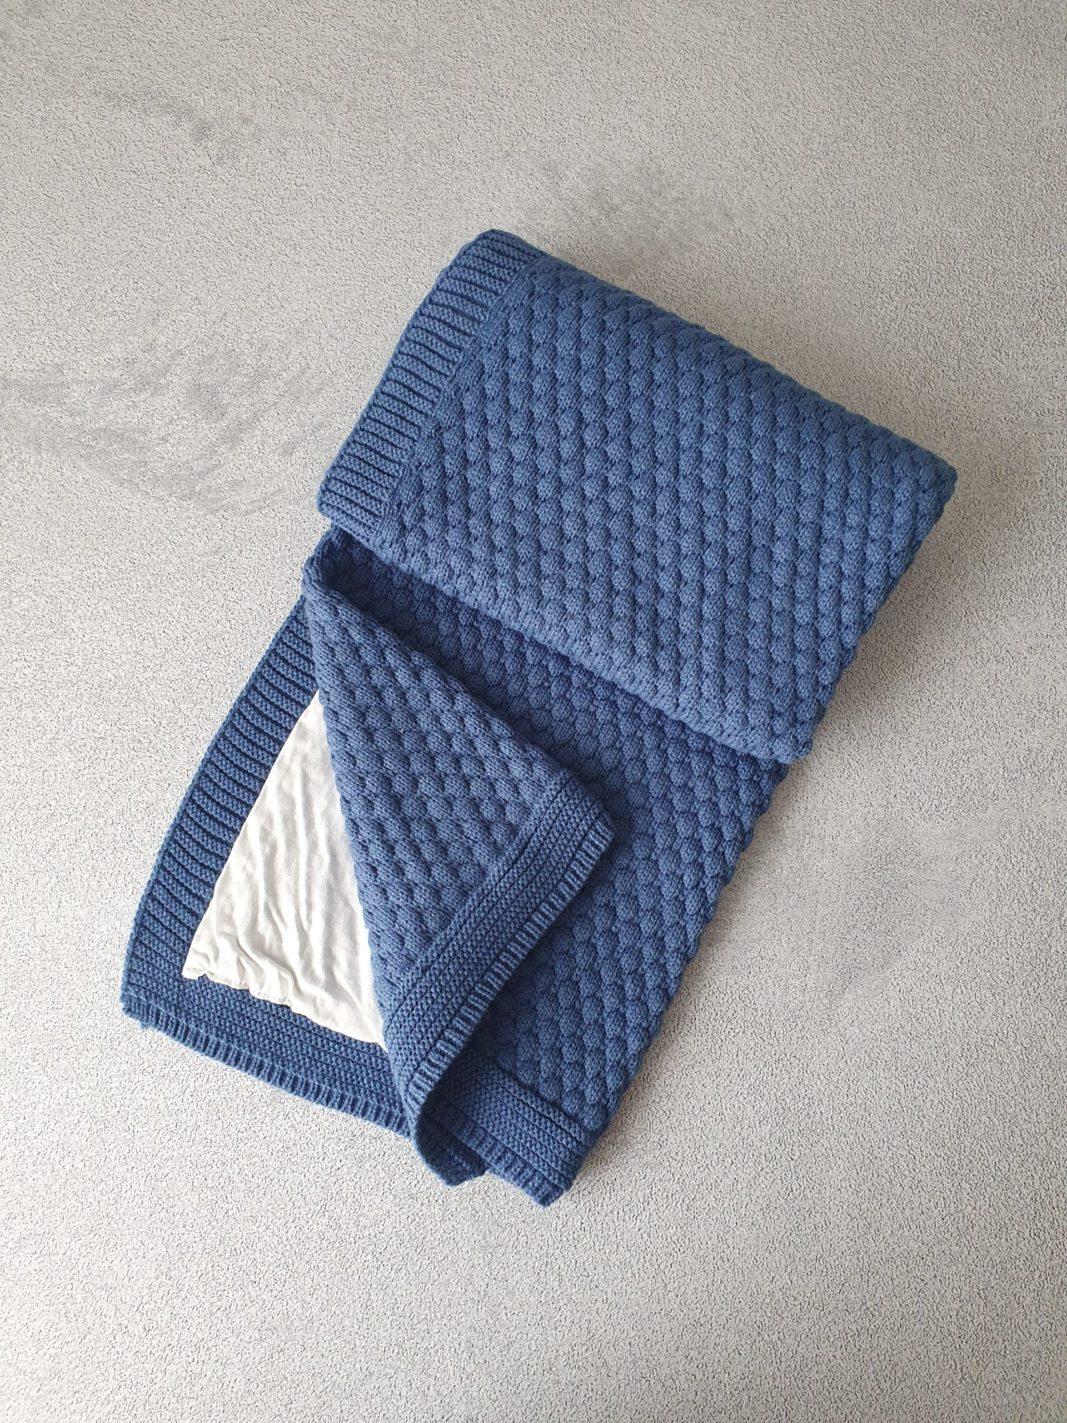 Вязаный плед «Соты» на хлопковой подкладке (синий)